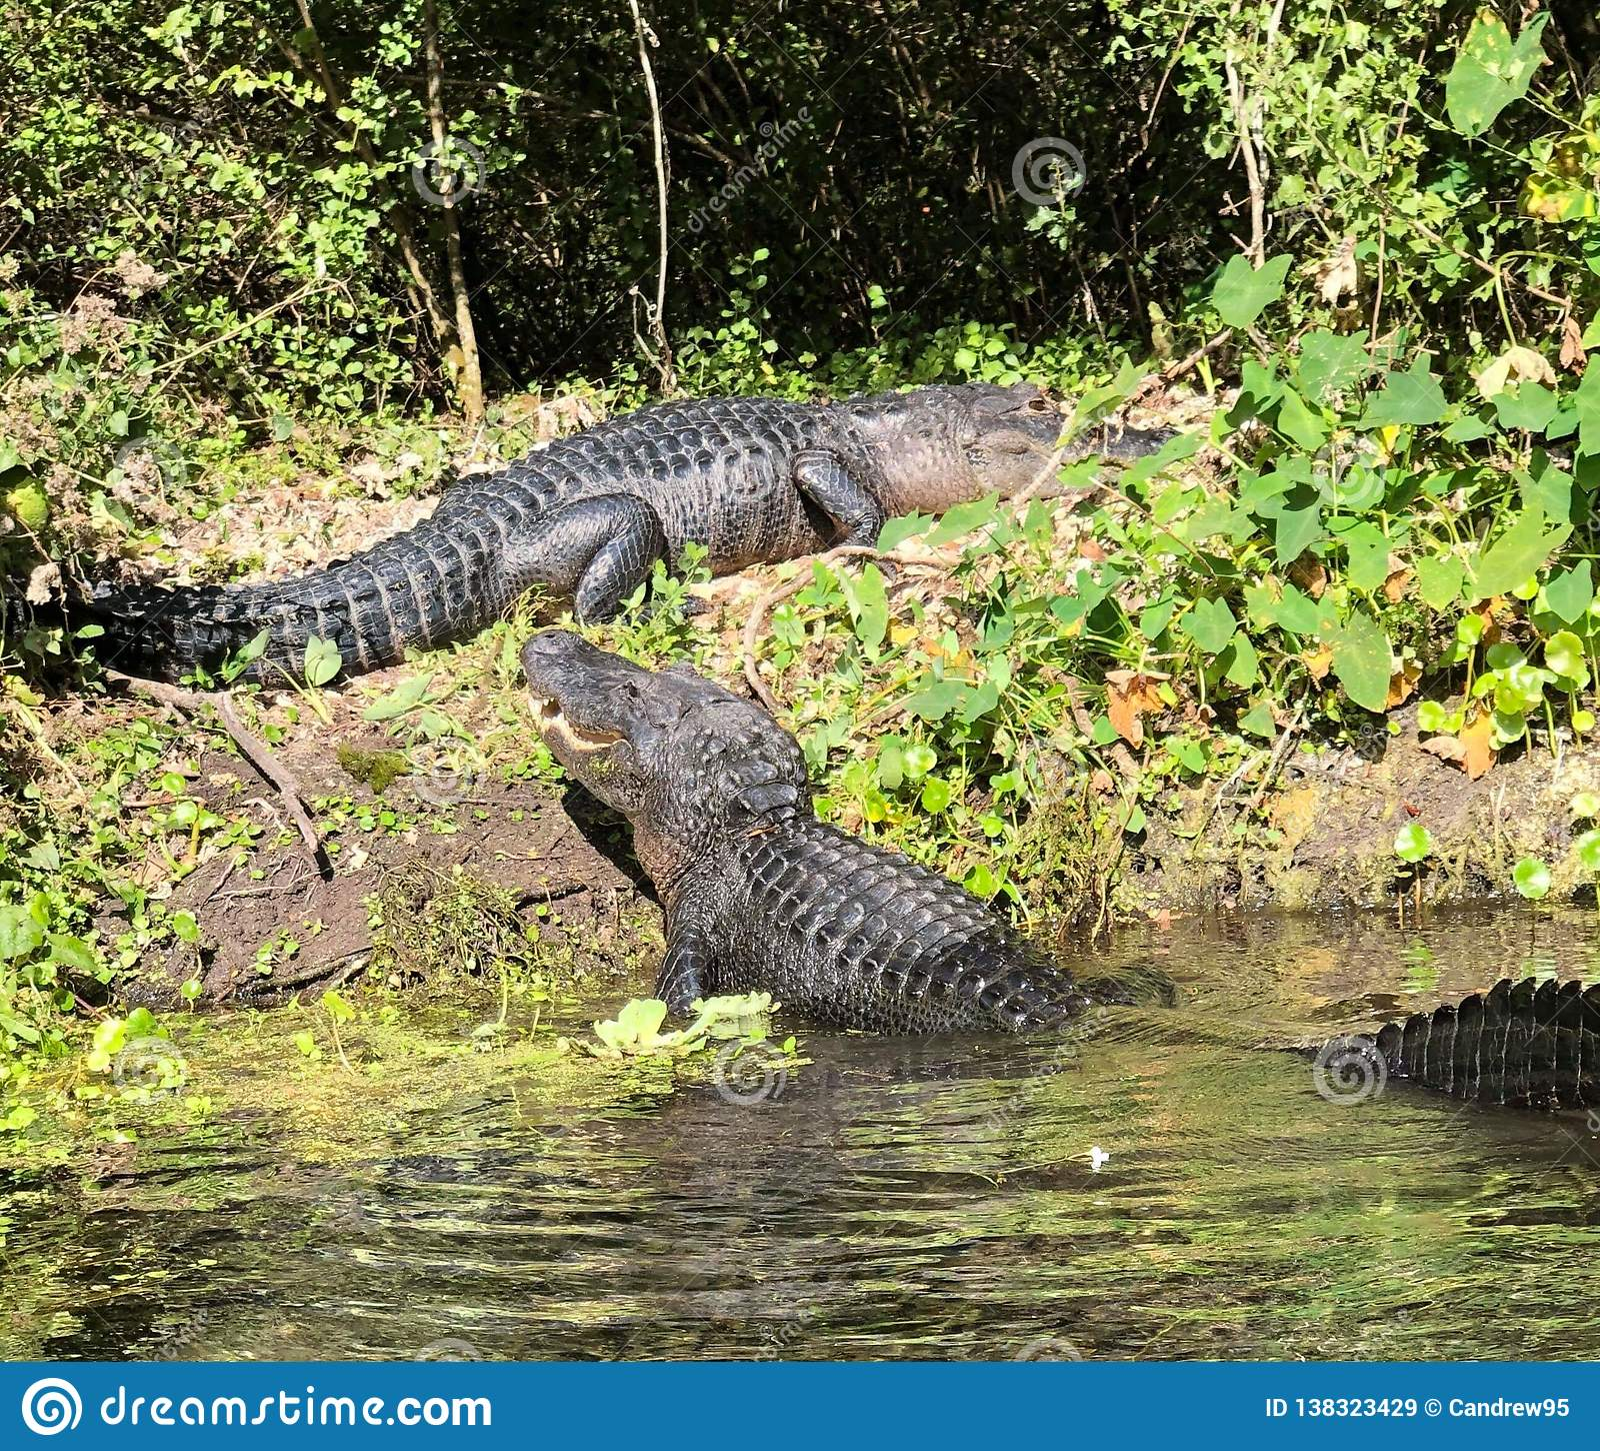 Gator show down